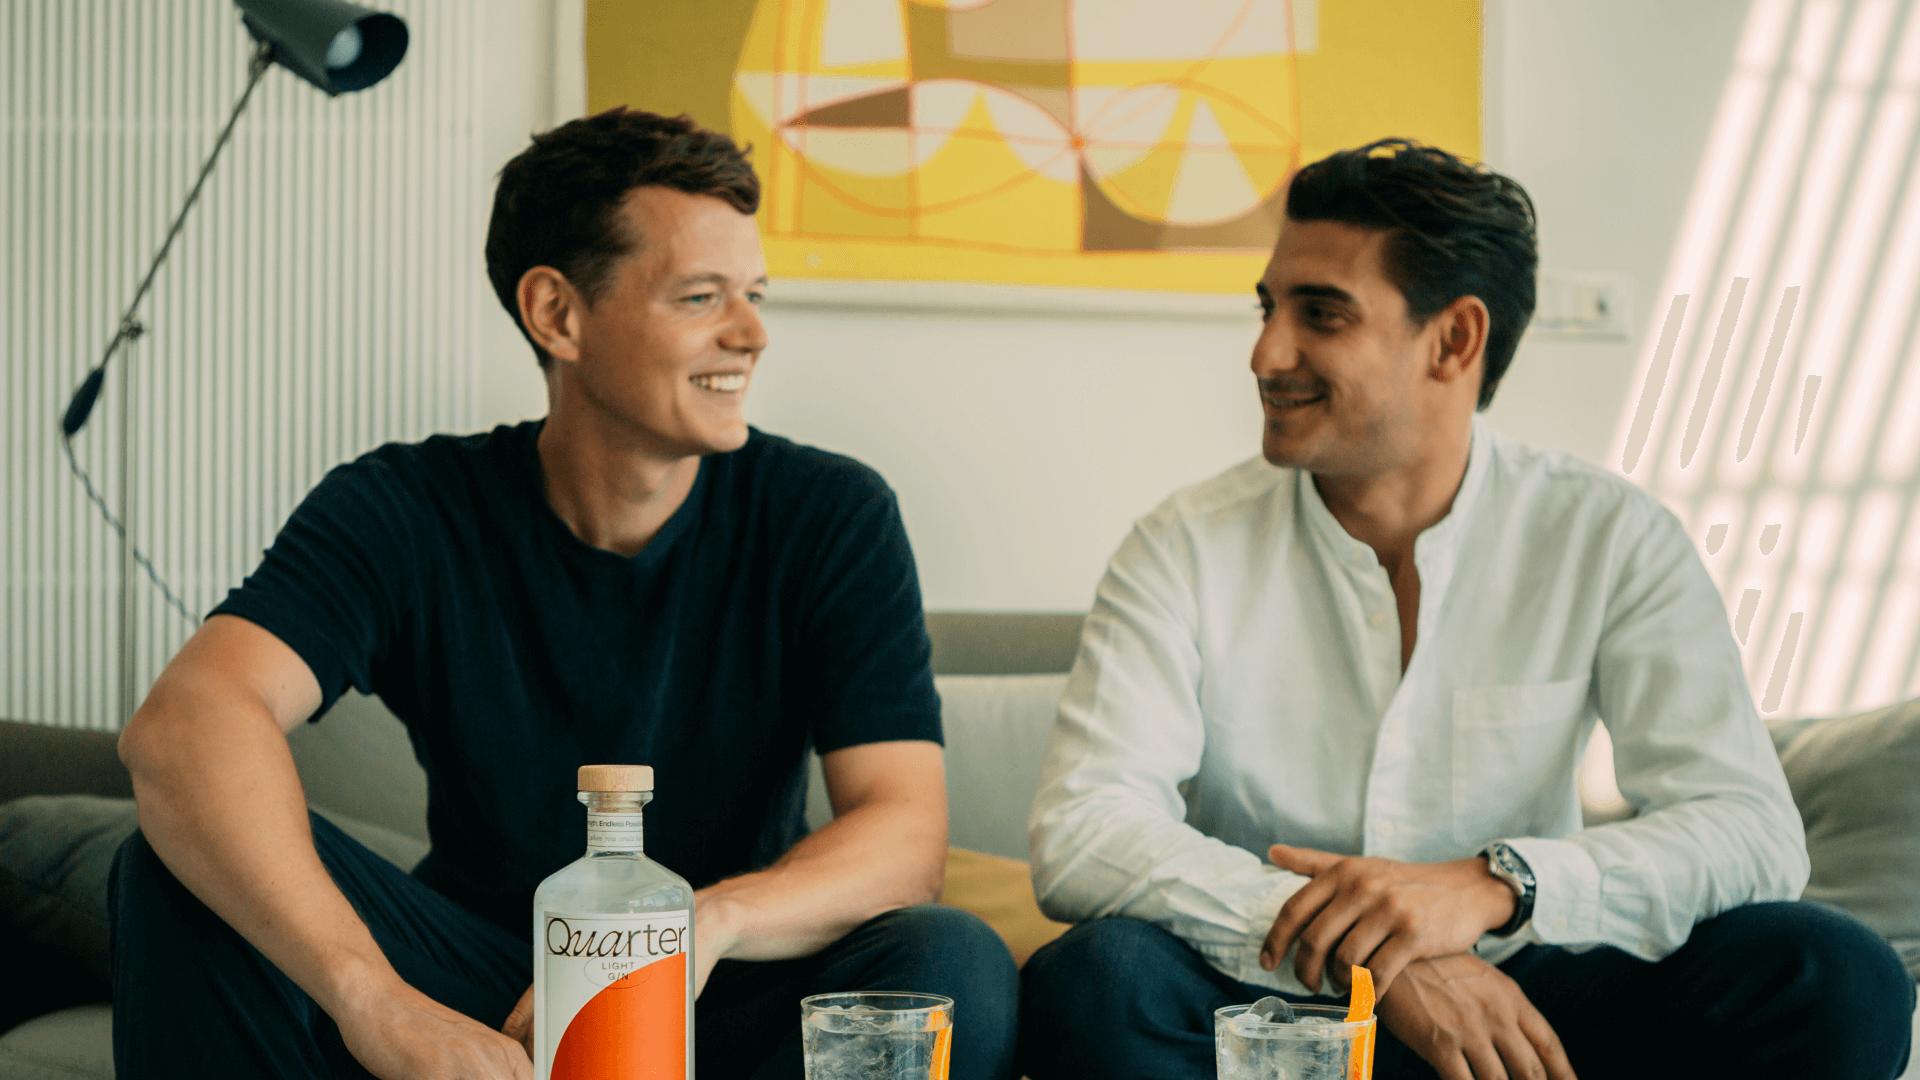 Meeting Fabian Clark, co-founder of Quarter Gin